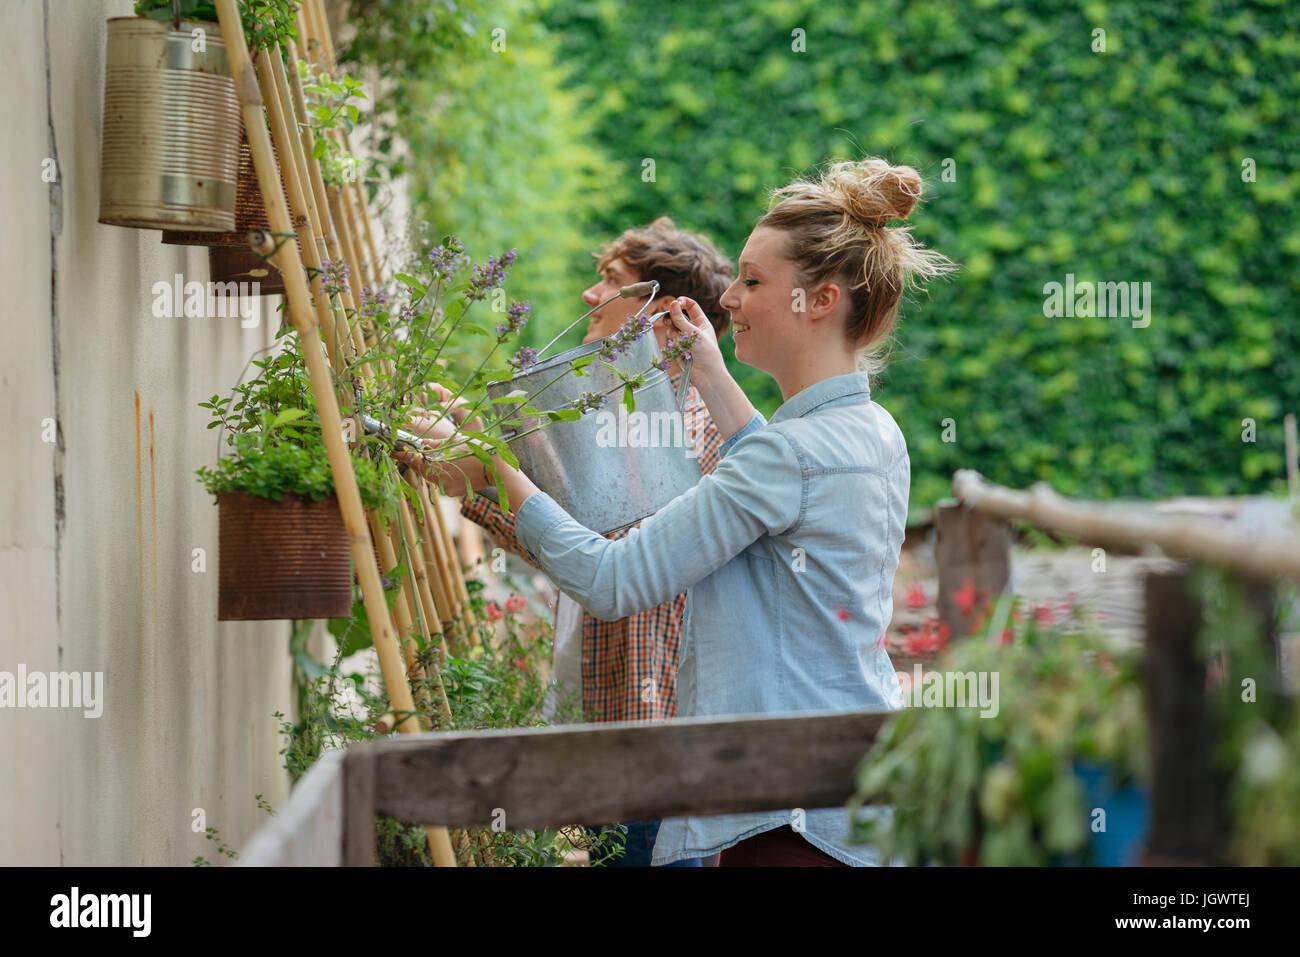 El hombre y la mujer joven tiende a las plantas que crecen en latas, joven regar las plantas con regadera Imagen De Stock